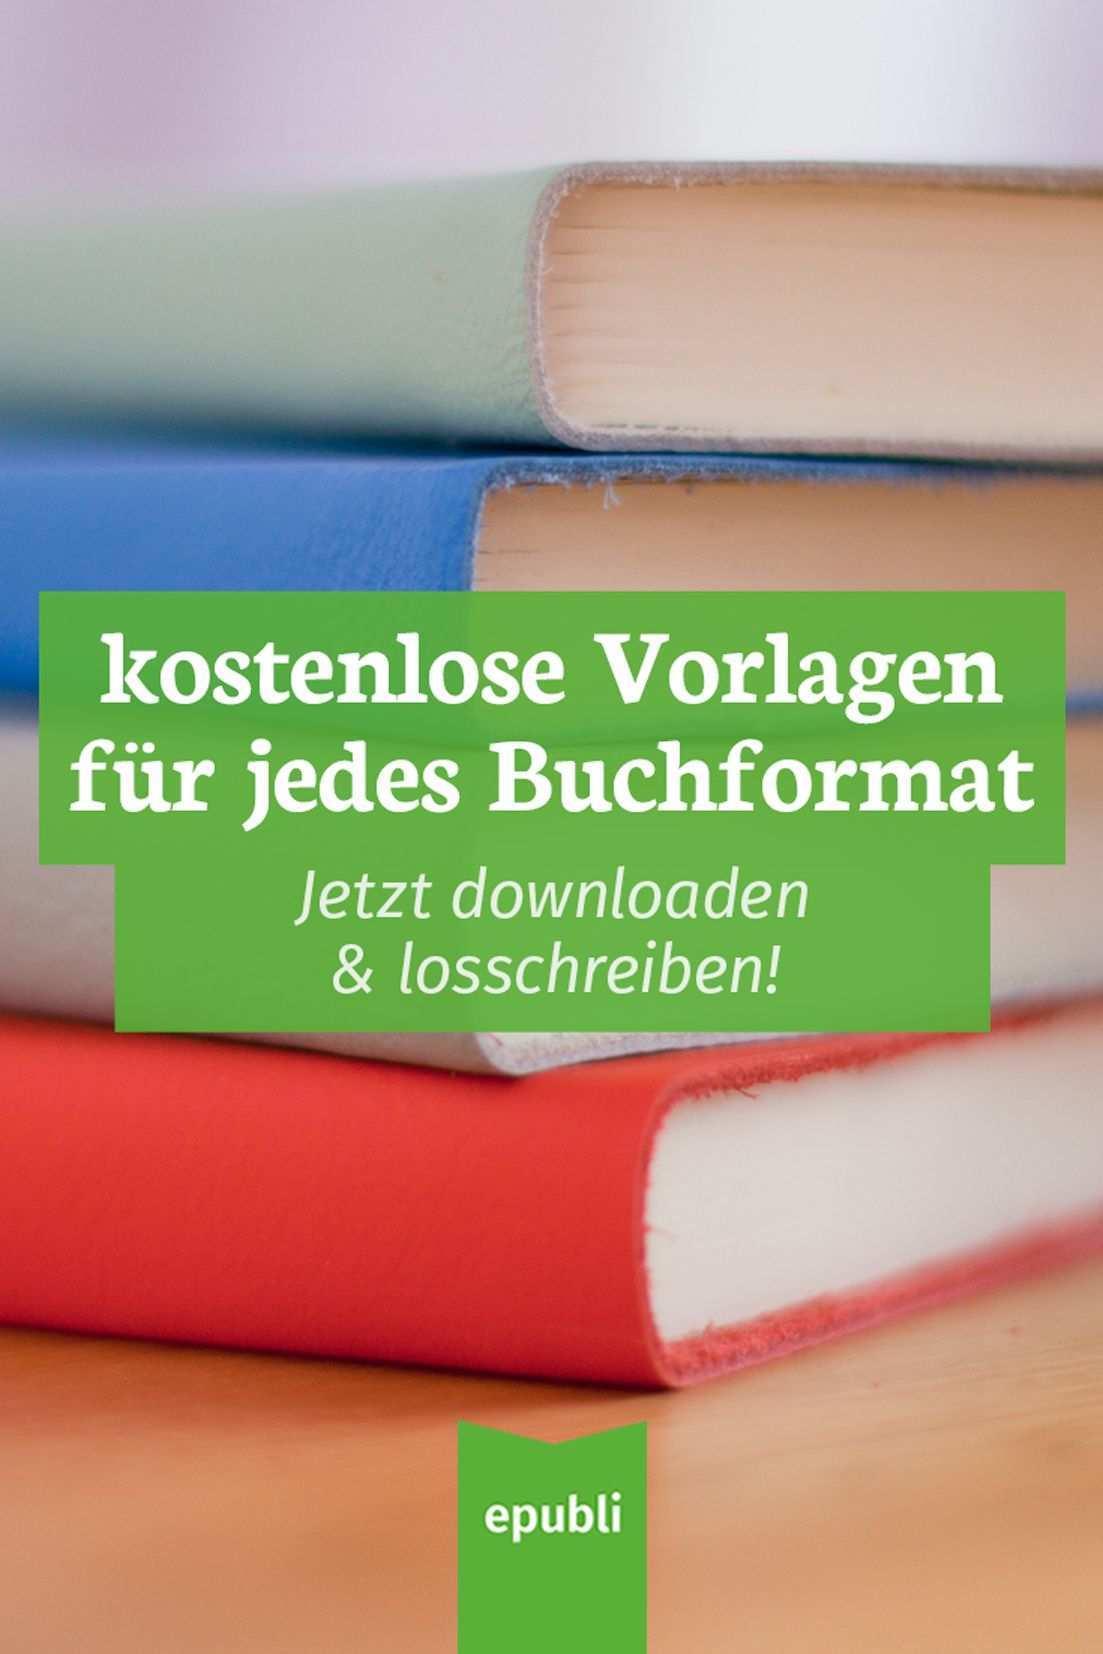 Formatvorlagen Fur Dein Buch Jetzt Gratis Downloaden Buch Drucken Lassen Bucher Buch Schreiben